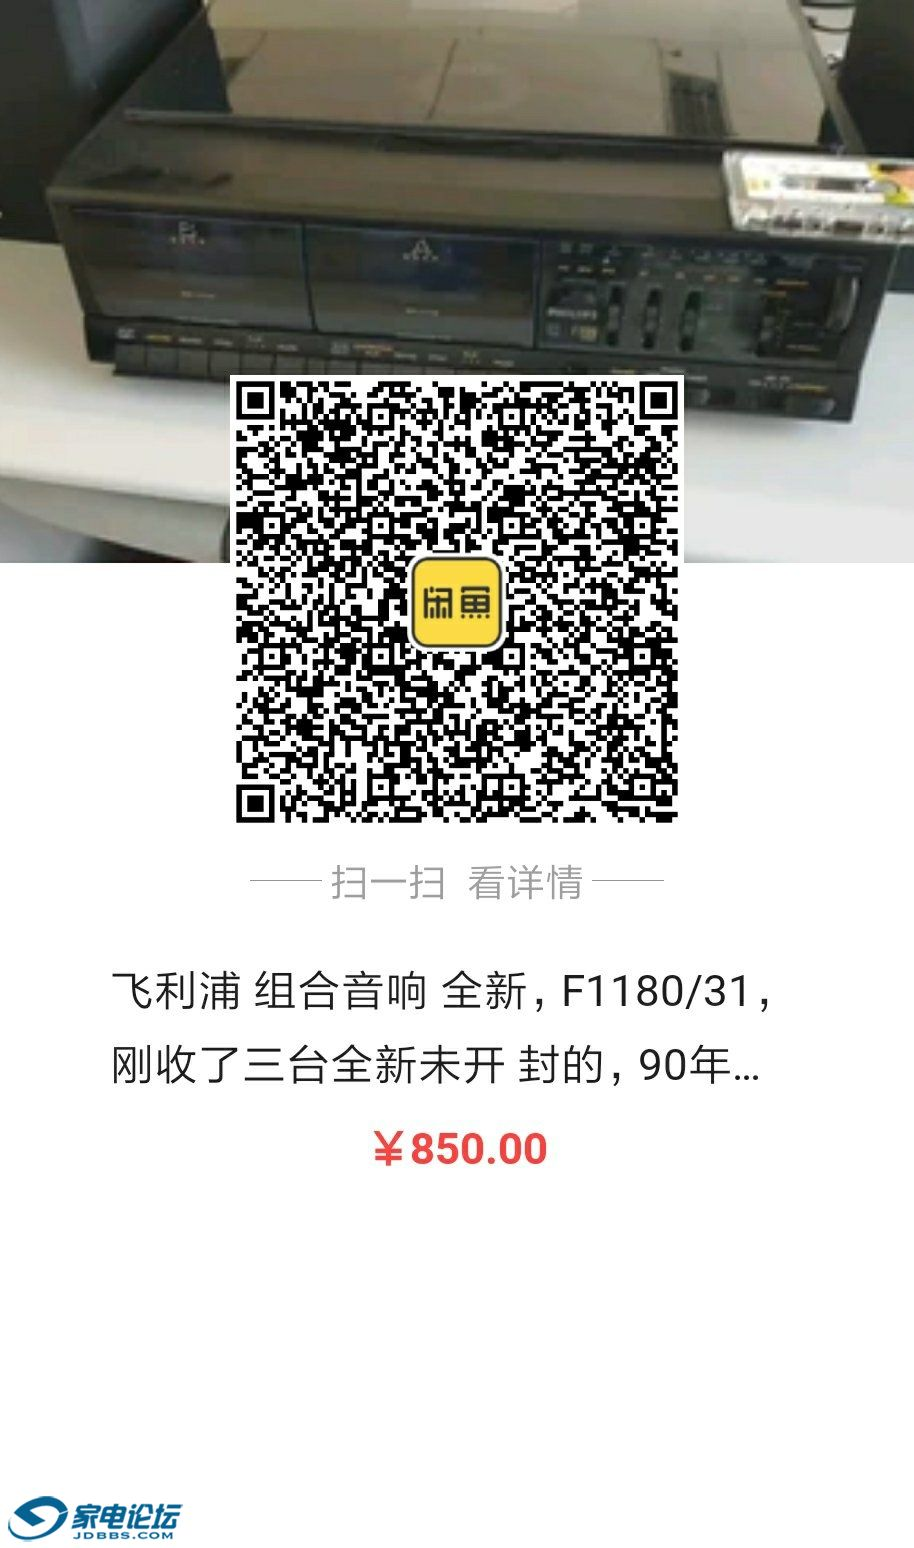 微信图片_20191029202601.jpg